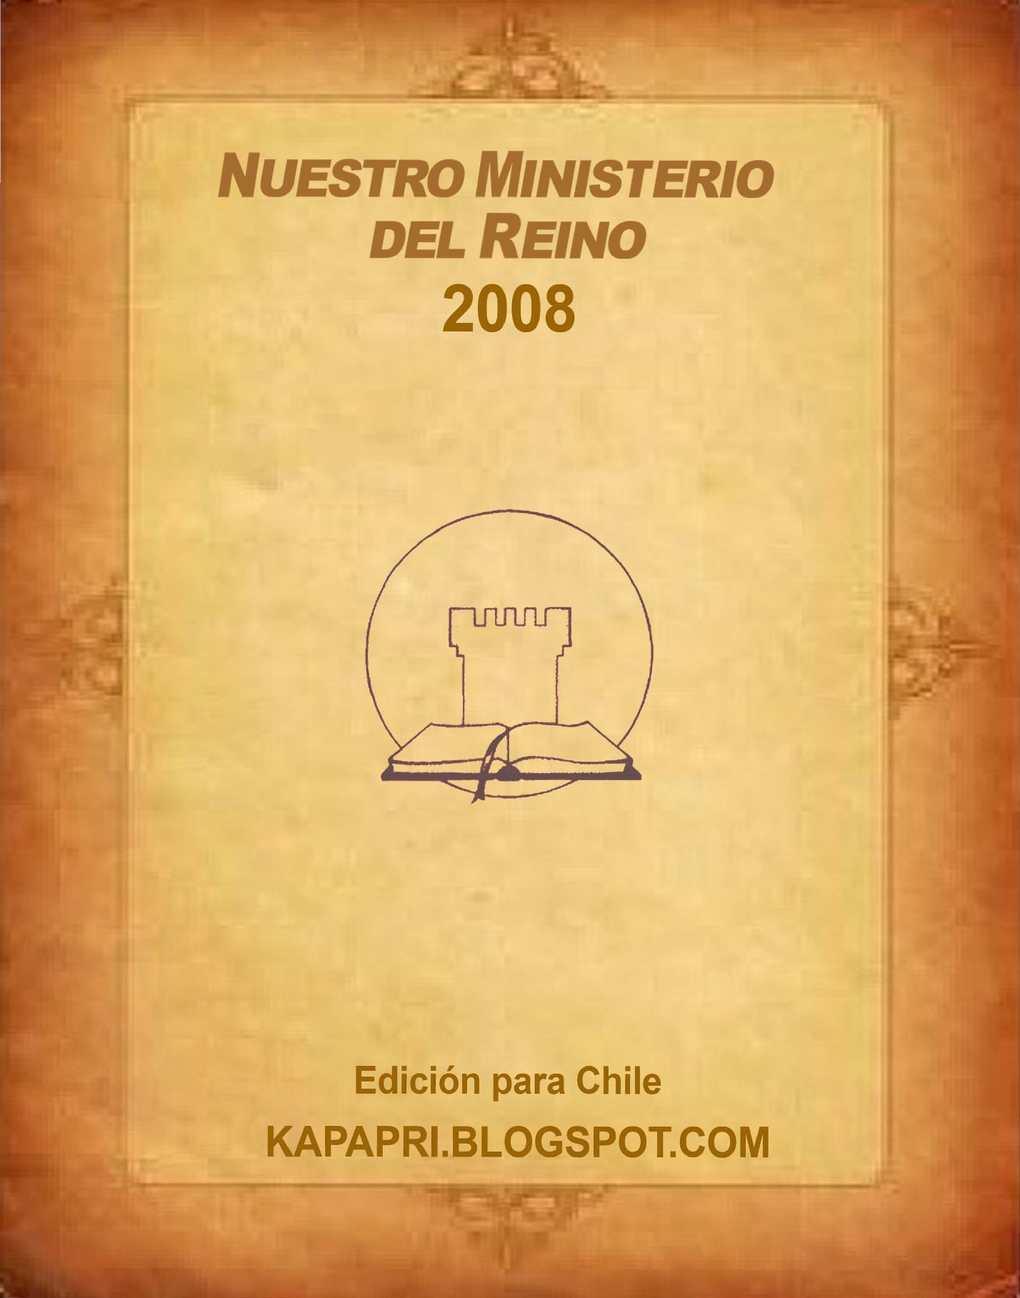 Calaméo - 2008 Nuestro Miniserio el Reino